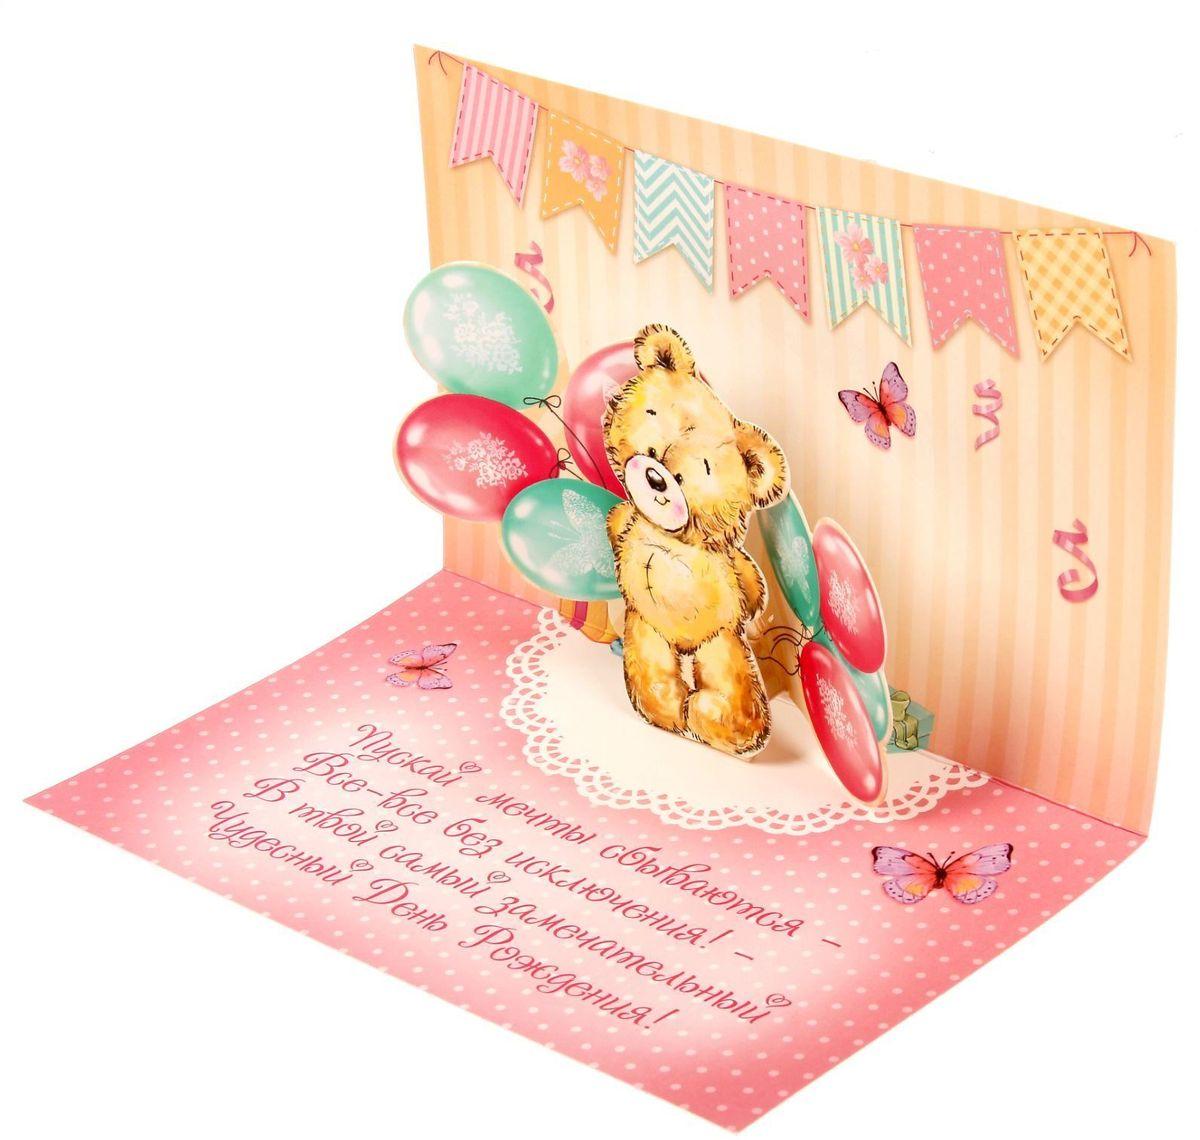 Днем рождения, открытки голографические с днем рождения